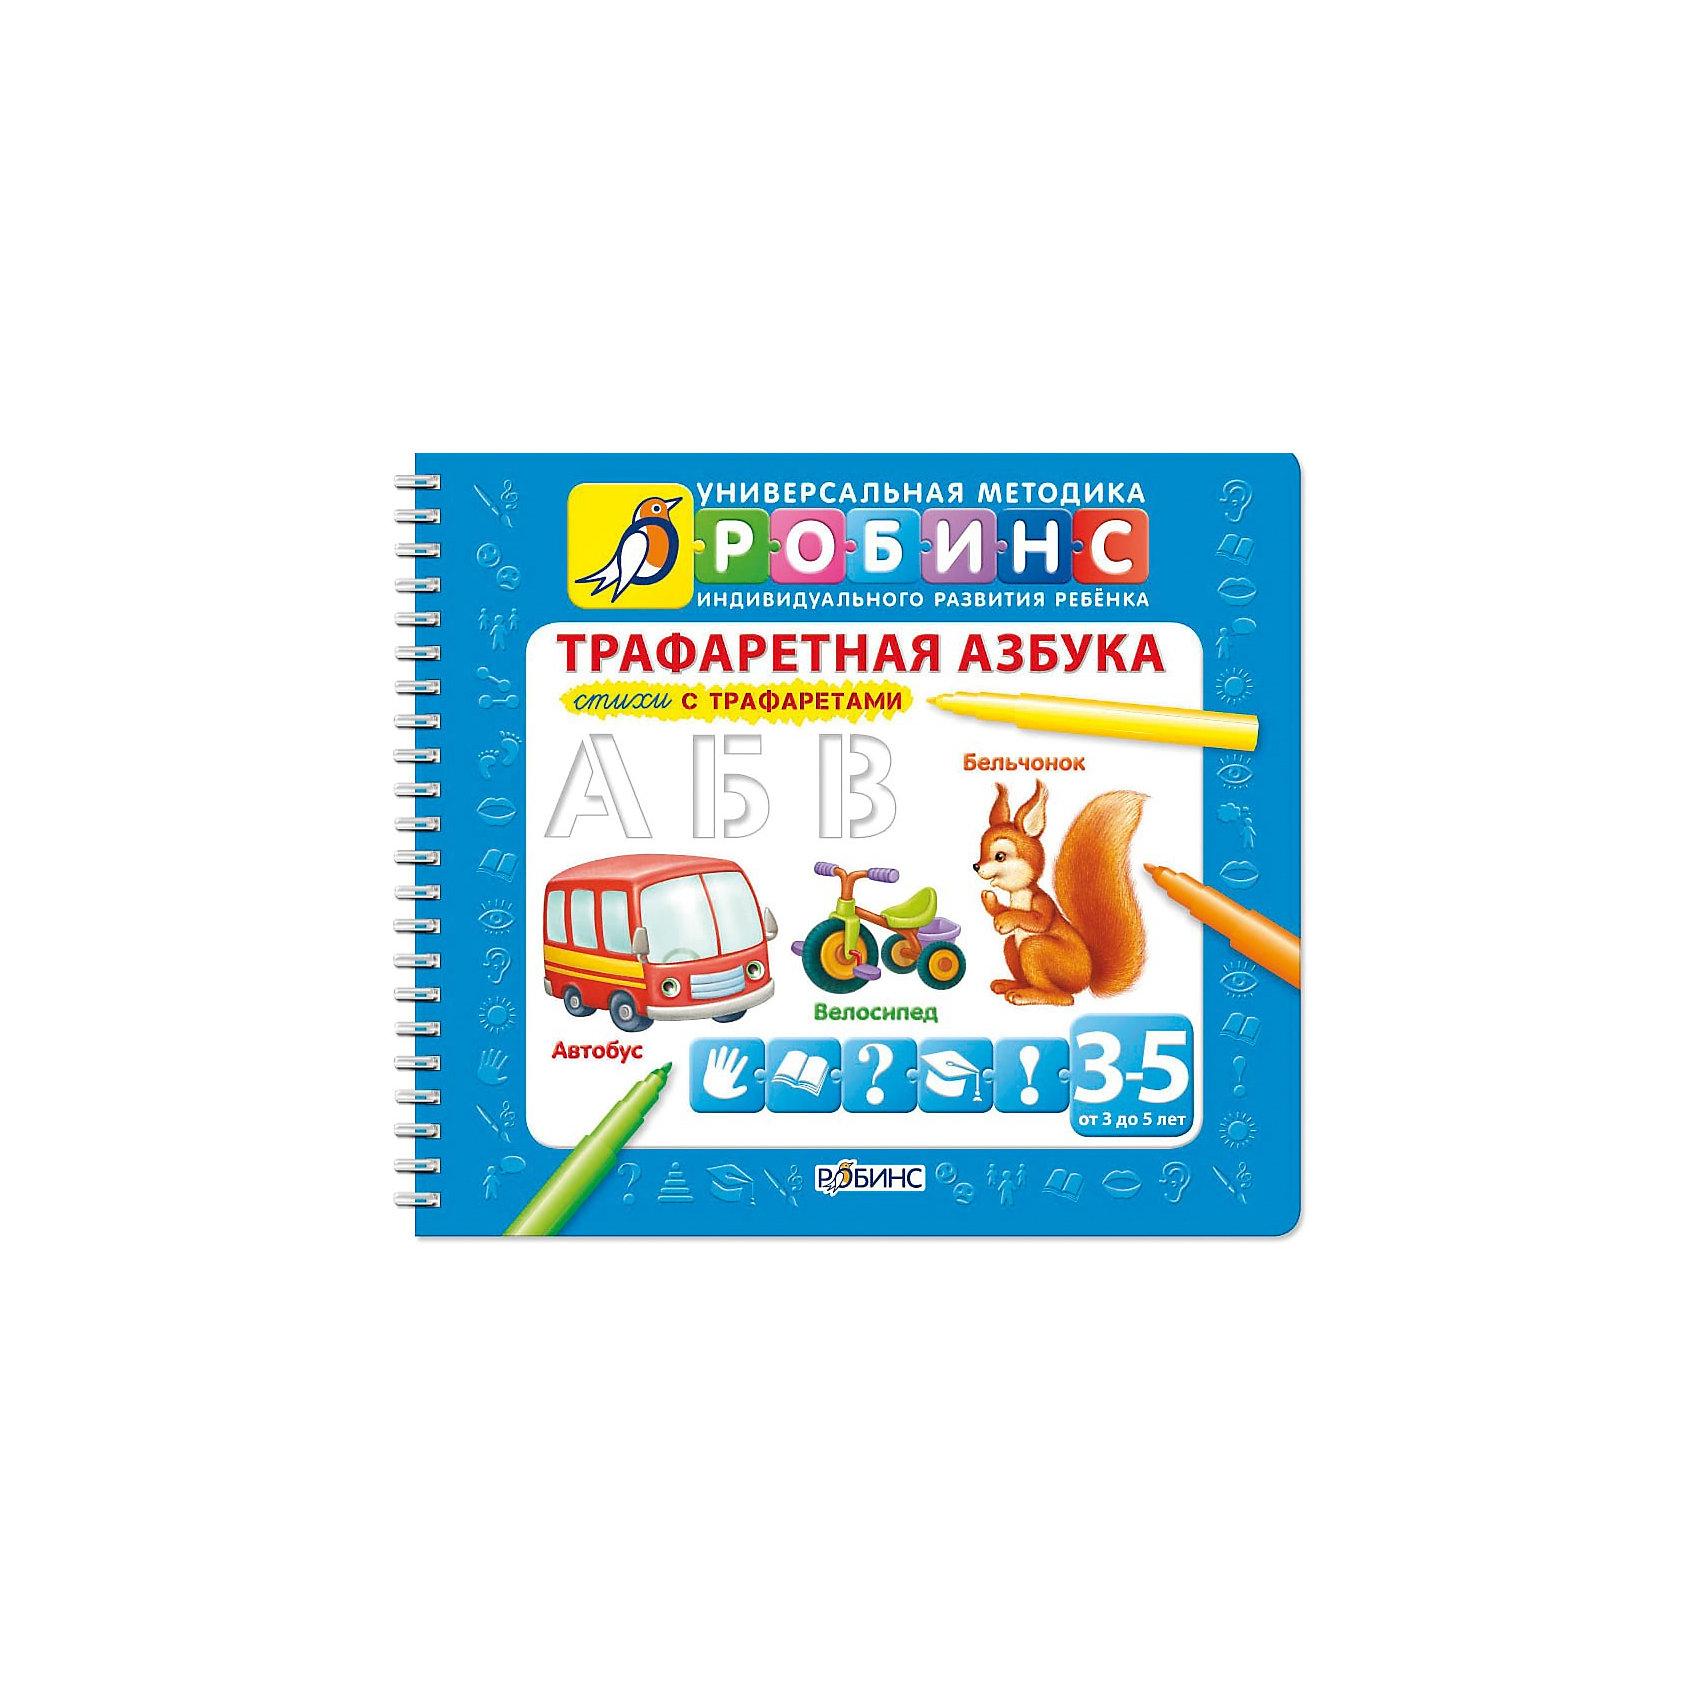 Трафаретная азбука«Трафаретная азбука» - уникальное развивающее игровое пособие, с помощью которого малыш научится читать гораздо быстрее, а также попробуем писать буквы с помощью трафаретов. Выполняя упражнения, ребёнок сможет выучить все буквы алфавита и научиться отличать их друг от друга.<br><br>Ширина мм: 260<br>Глубина мм: 20<br>Высота мм: 205<br>Вес г: 311<br>Возраст от месяцев: 36<br>Возраст до месяцев: 60<br>Пол: Унисекс<br>Возраст: Детский<br>SKU: 3098167